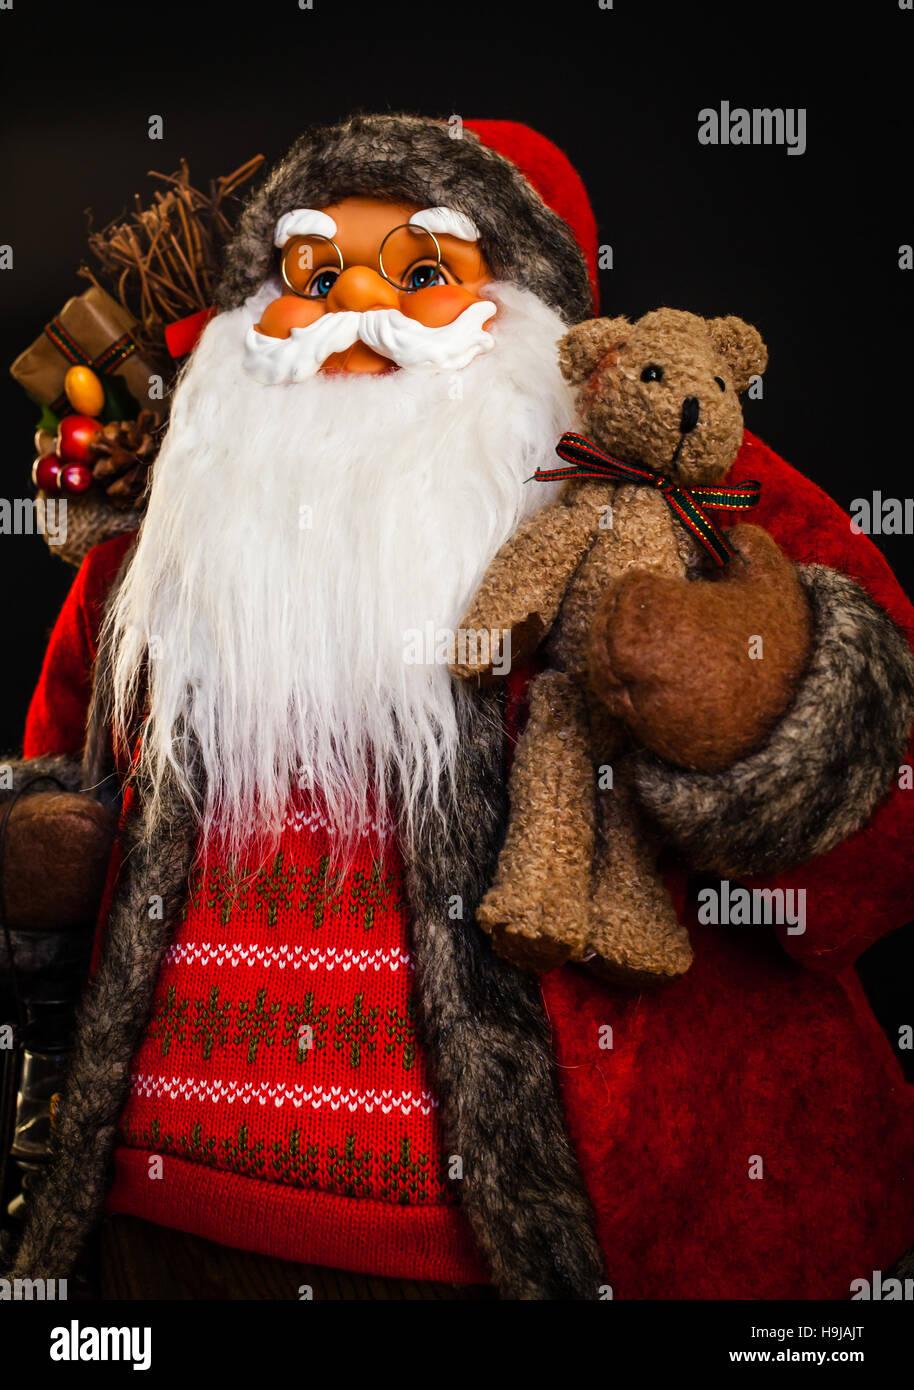 Babbo Natale il corpo superiore close up con sfondo nero. Immagini Stock